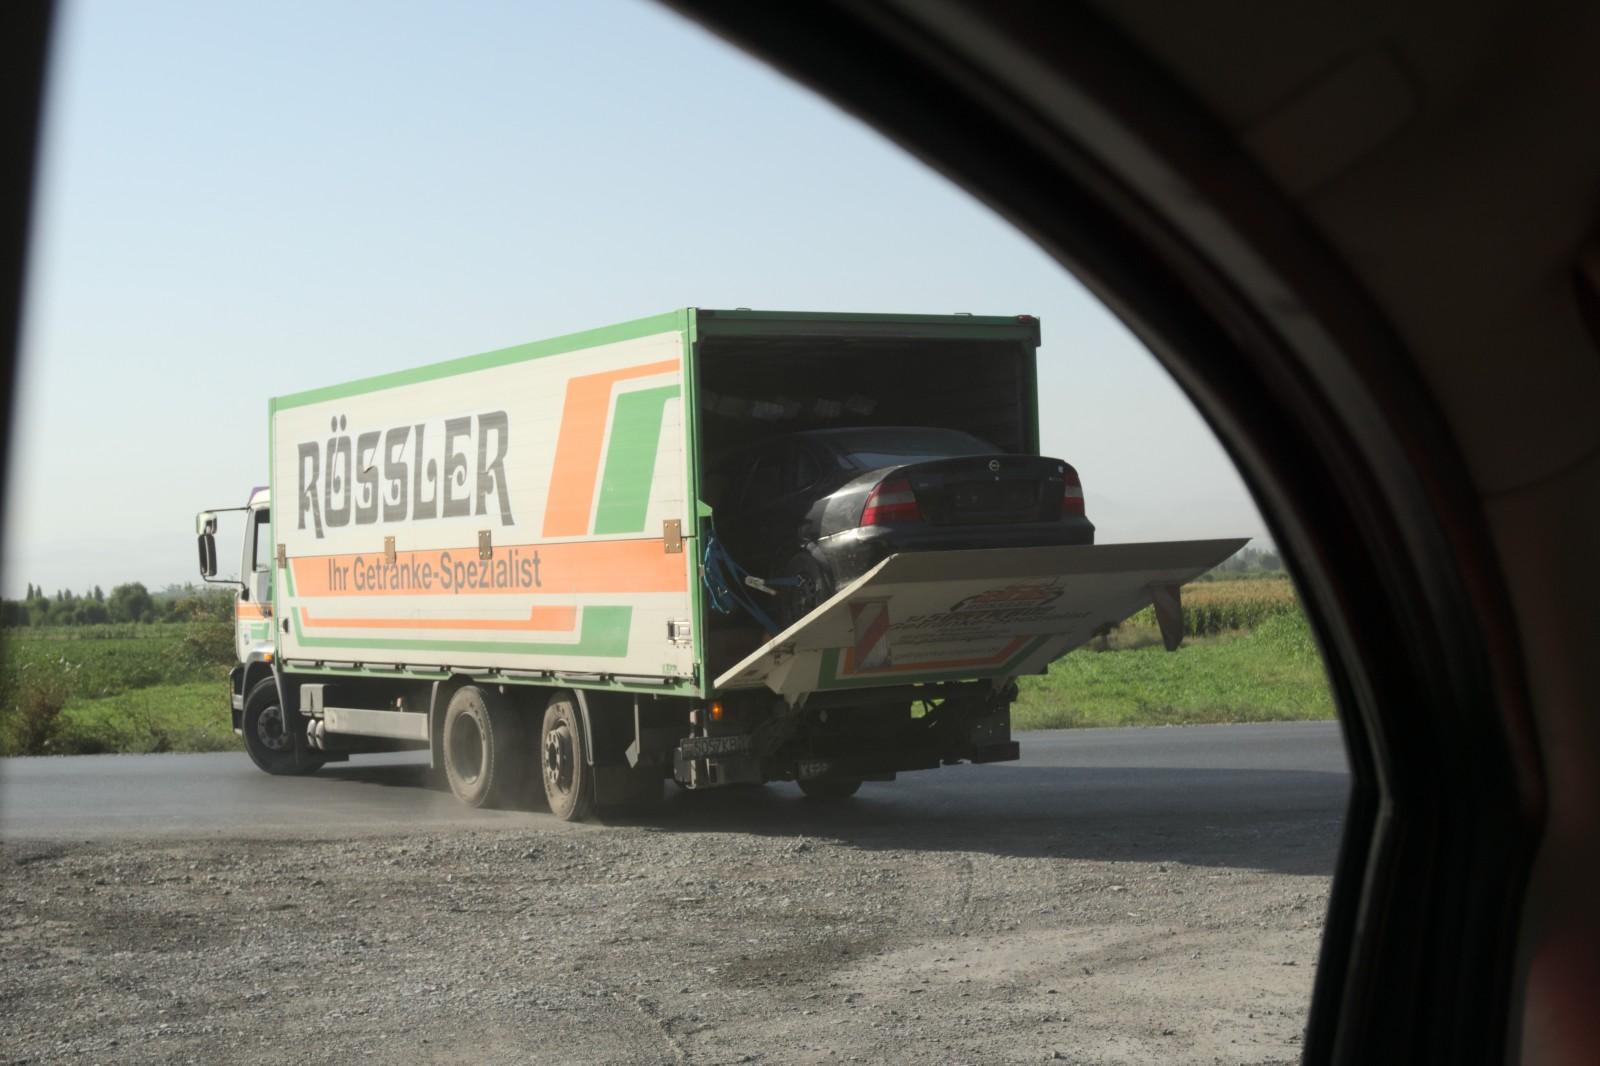 Takhle se v Tadžikistánu převáži auta :D